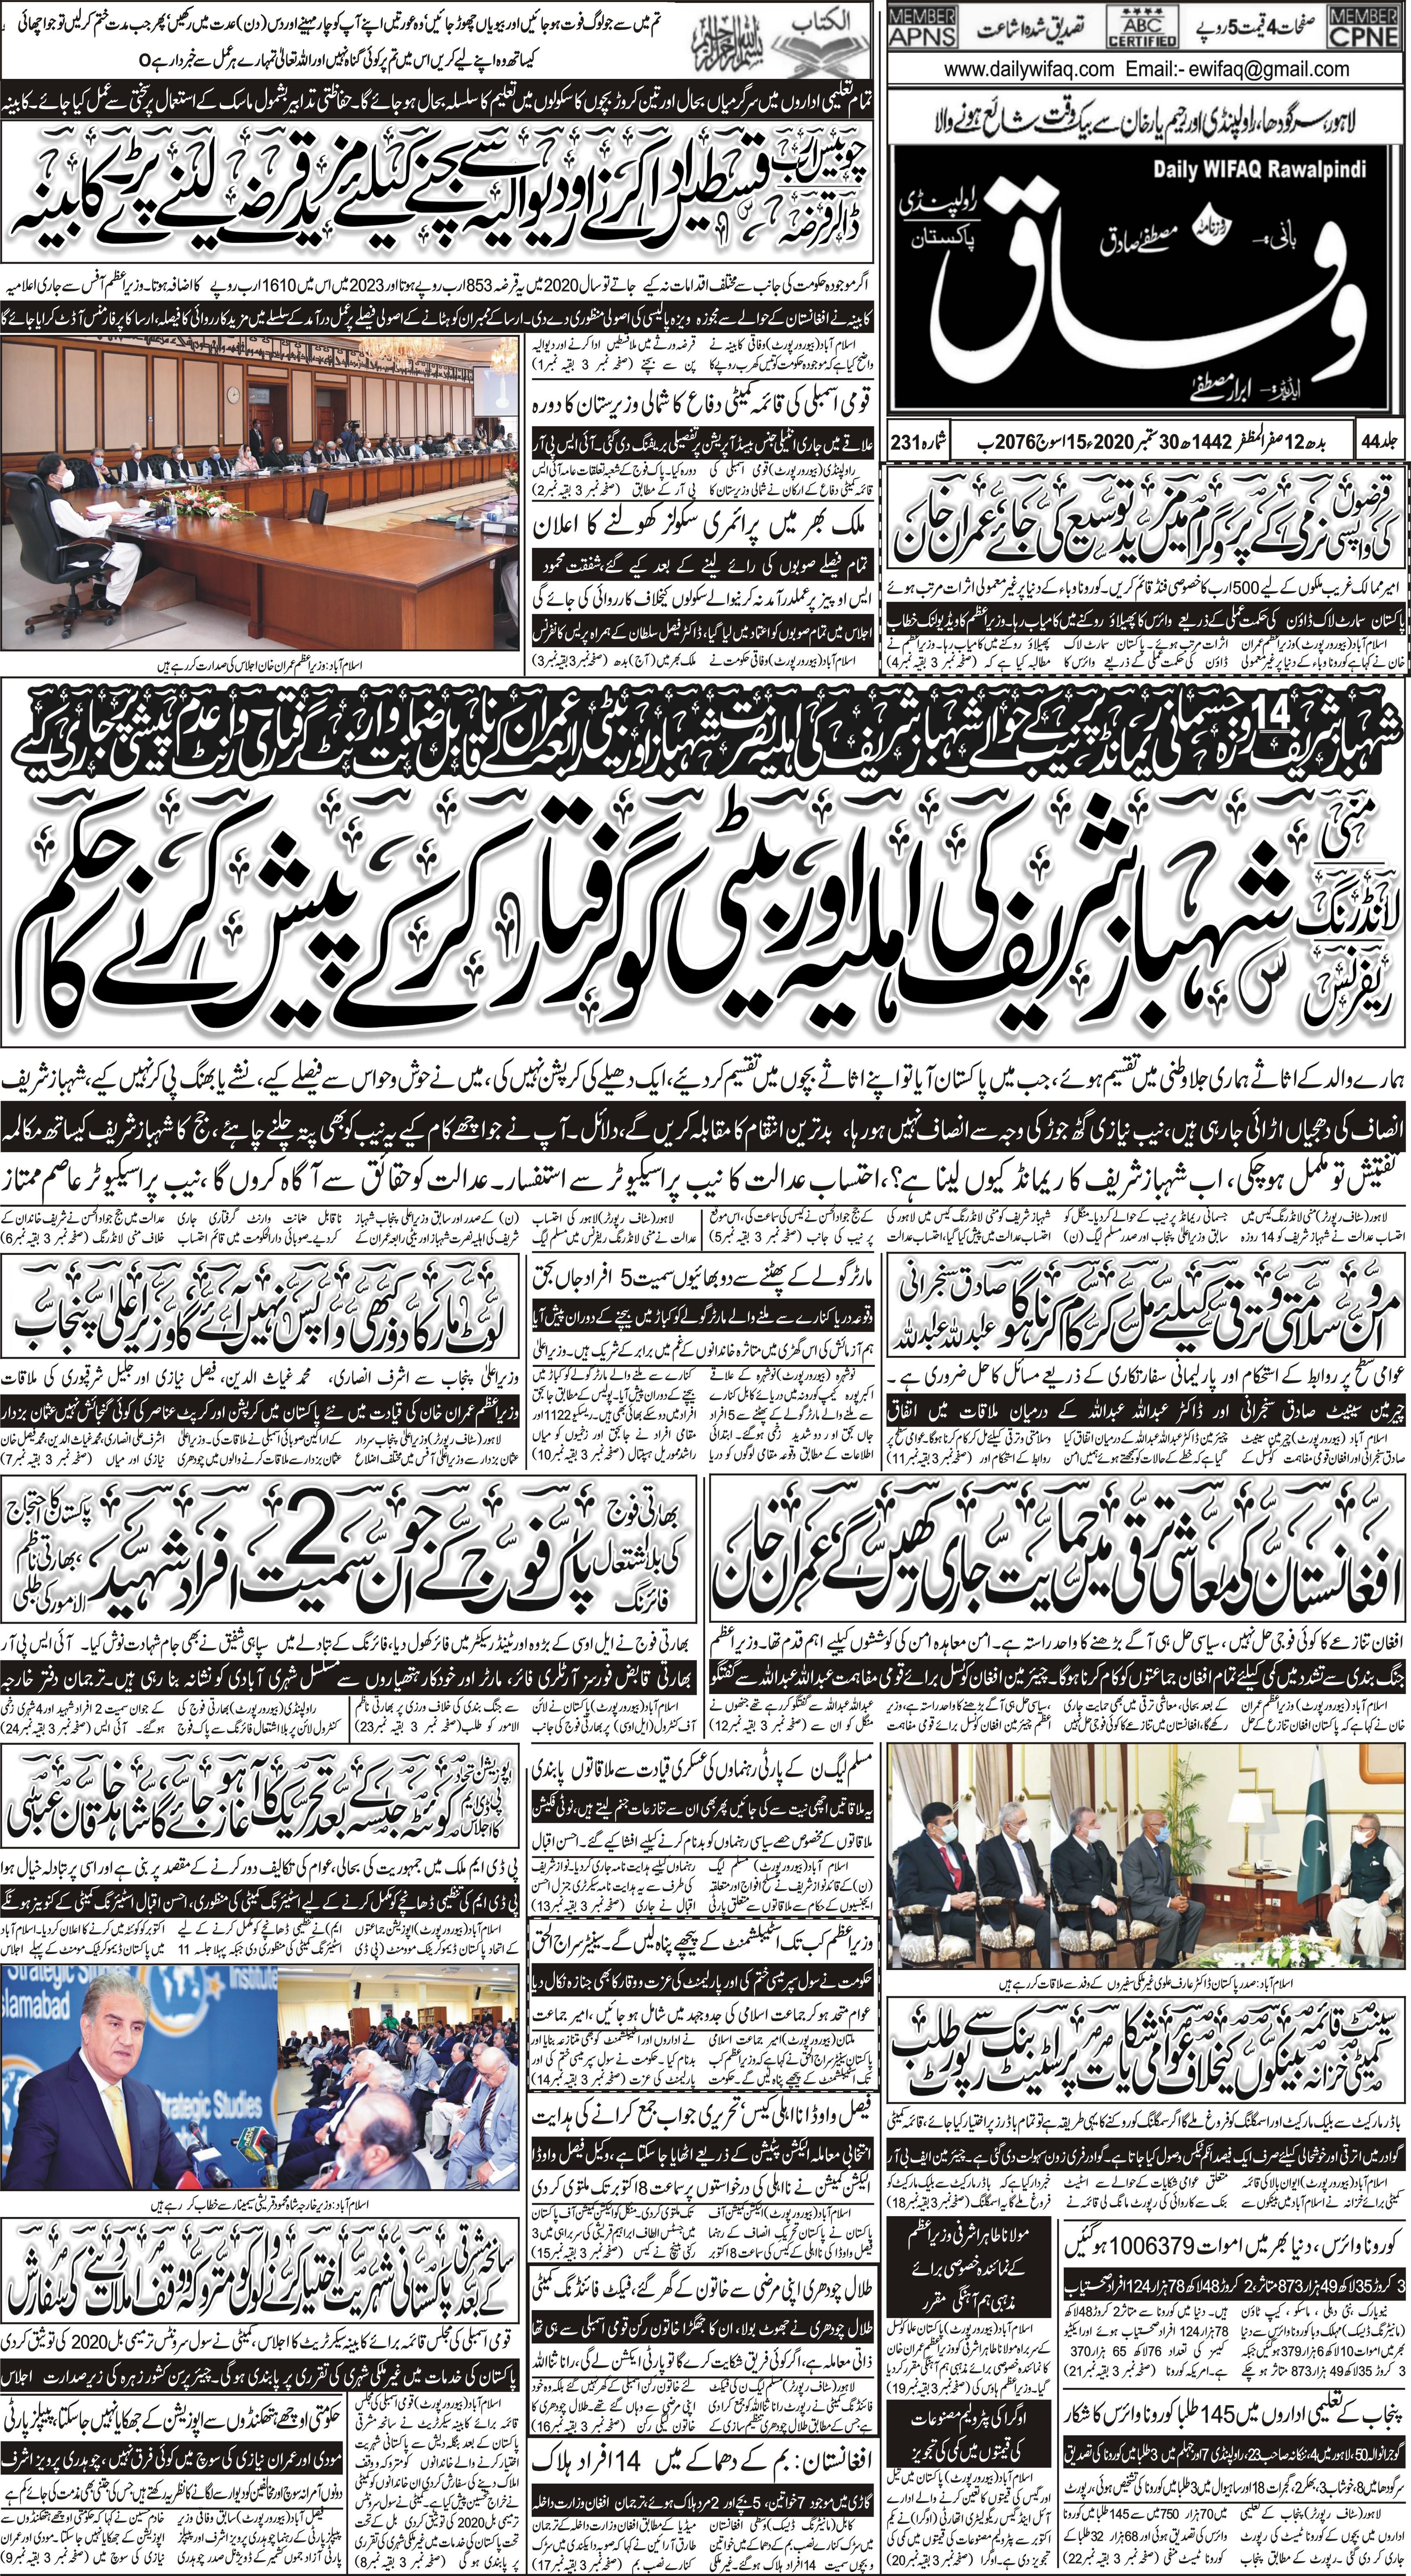 e-Paper – Daily Wifaq – Rawalpindi – 30-09-2020